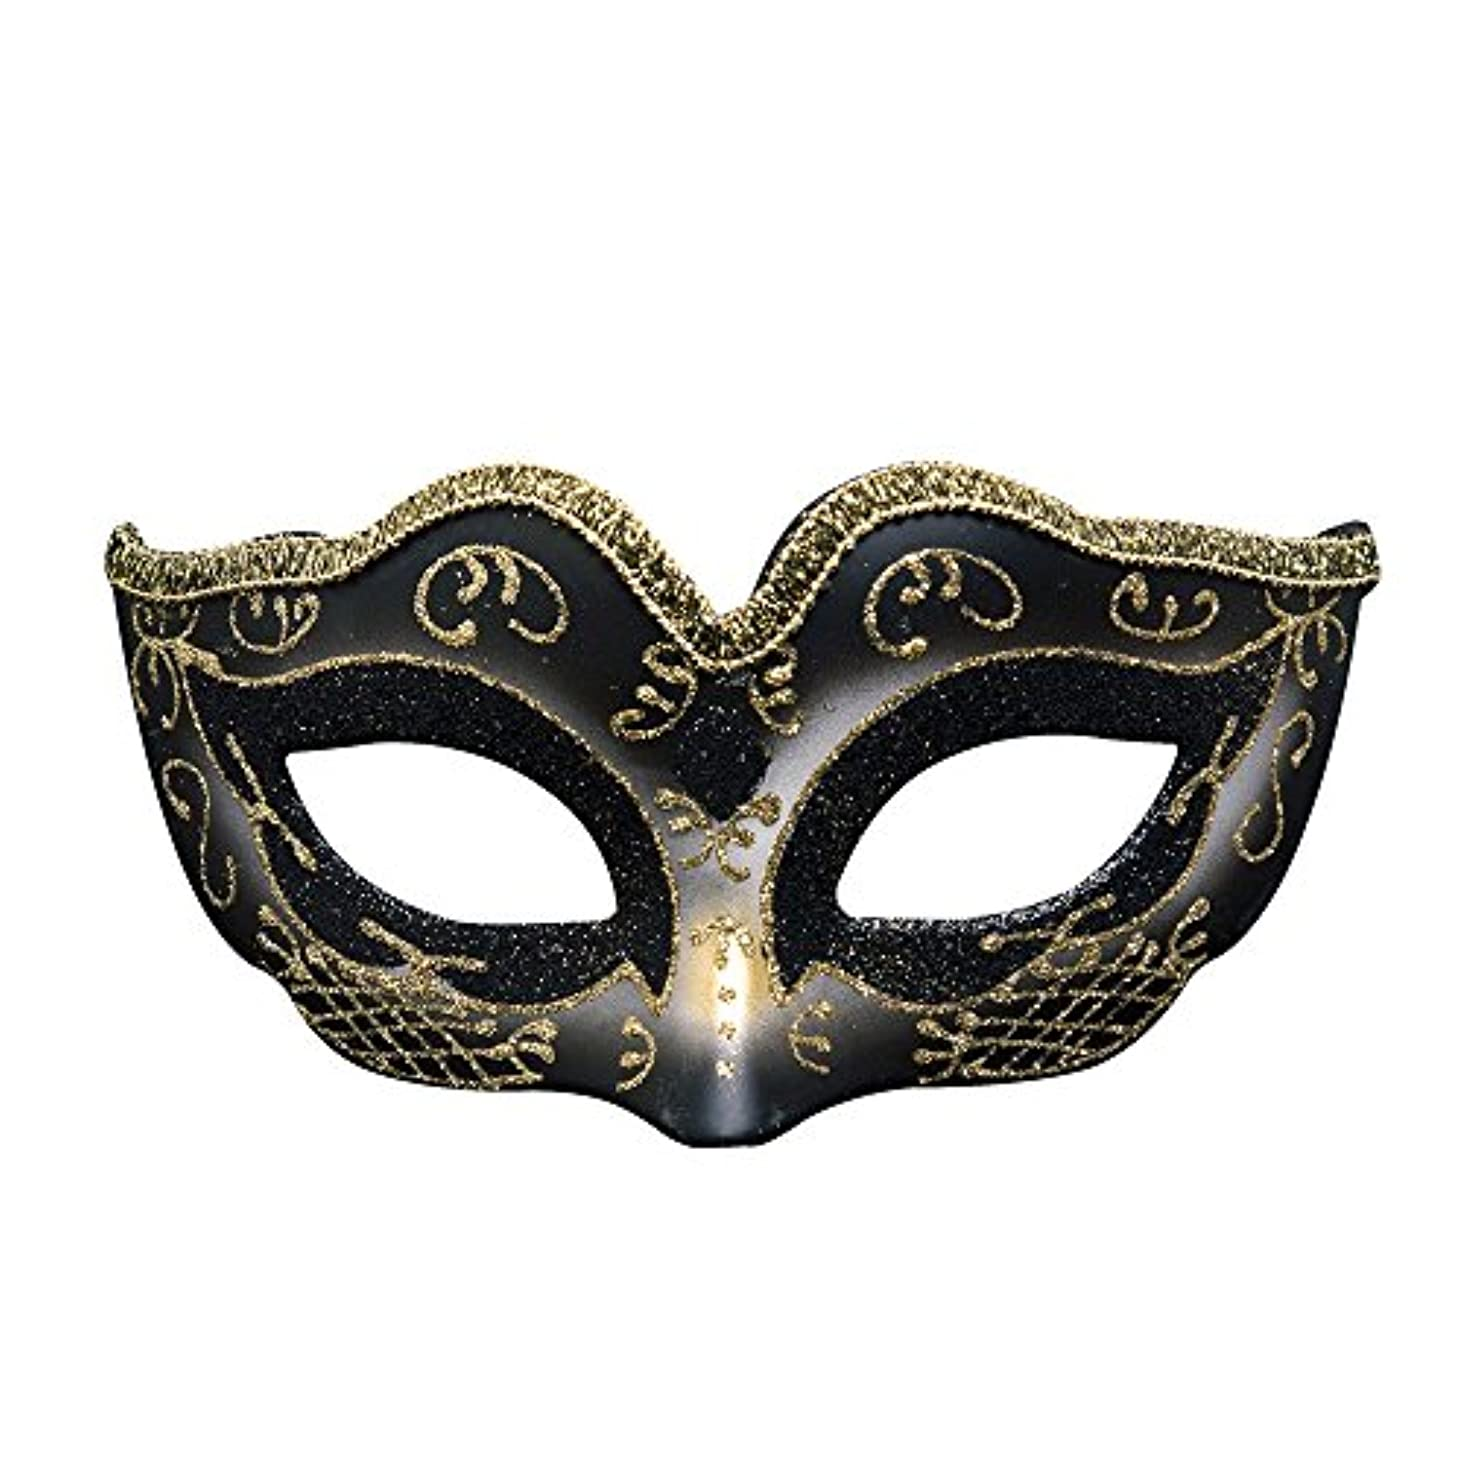 スクラップスタイル妊娠したクリエイティブカスタム子供のなりすましパーティーハロウィーンマスククリスマス雰囲気マスク (Color : G)